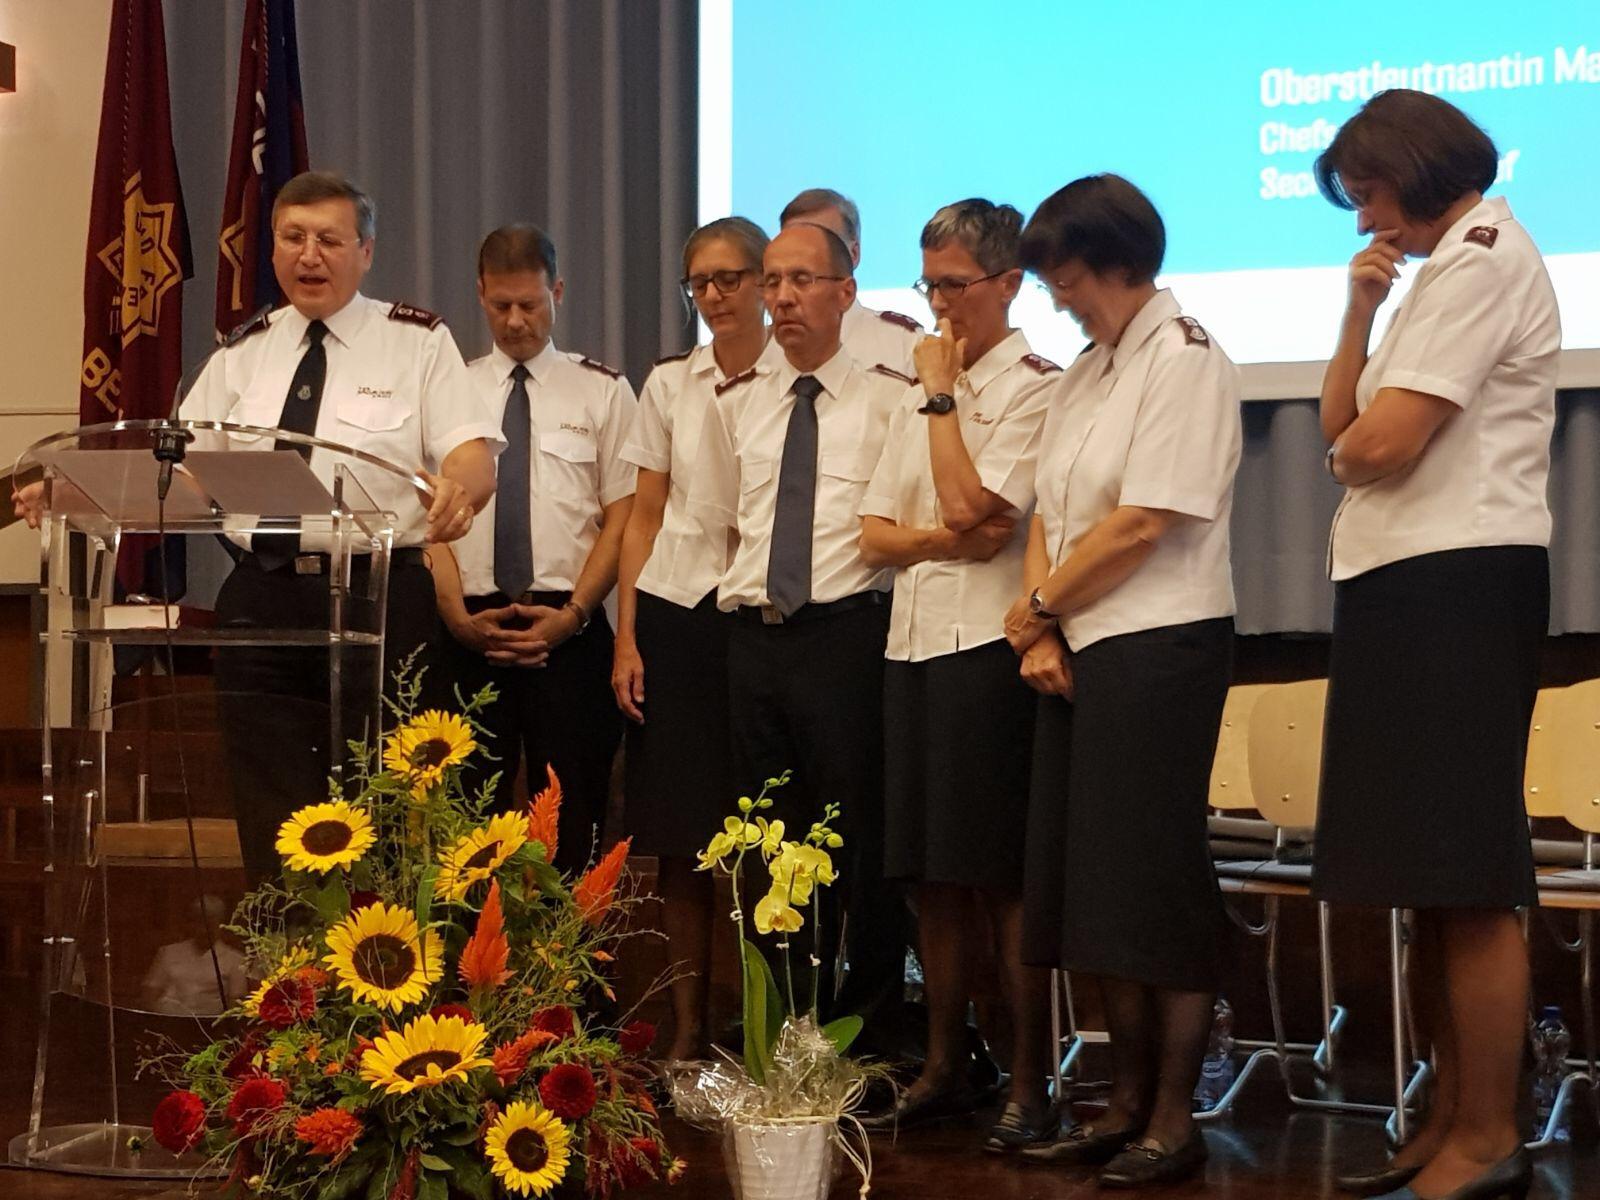 Gottesdienst und Apero des Willkomms und Abschieds im Hauptquartier Bern. / Apéro et culte de bienvenue et au revoir au Quartier Général de Berne.